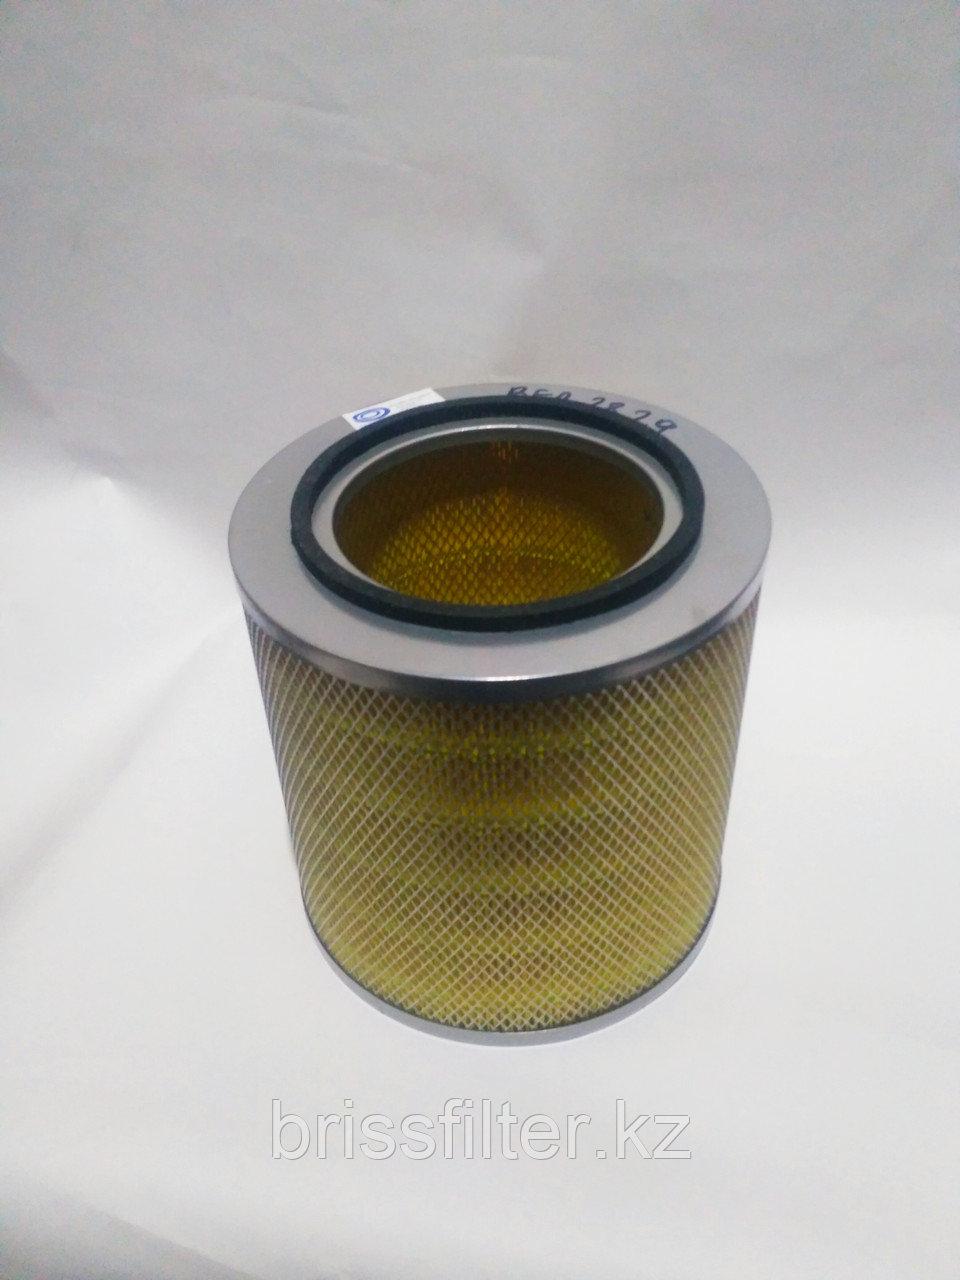 Изготовление Масляных Фильтров на заказ